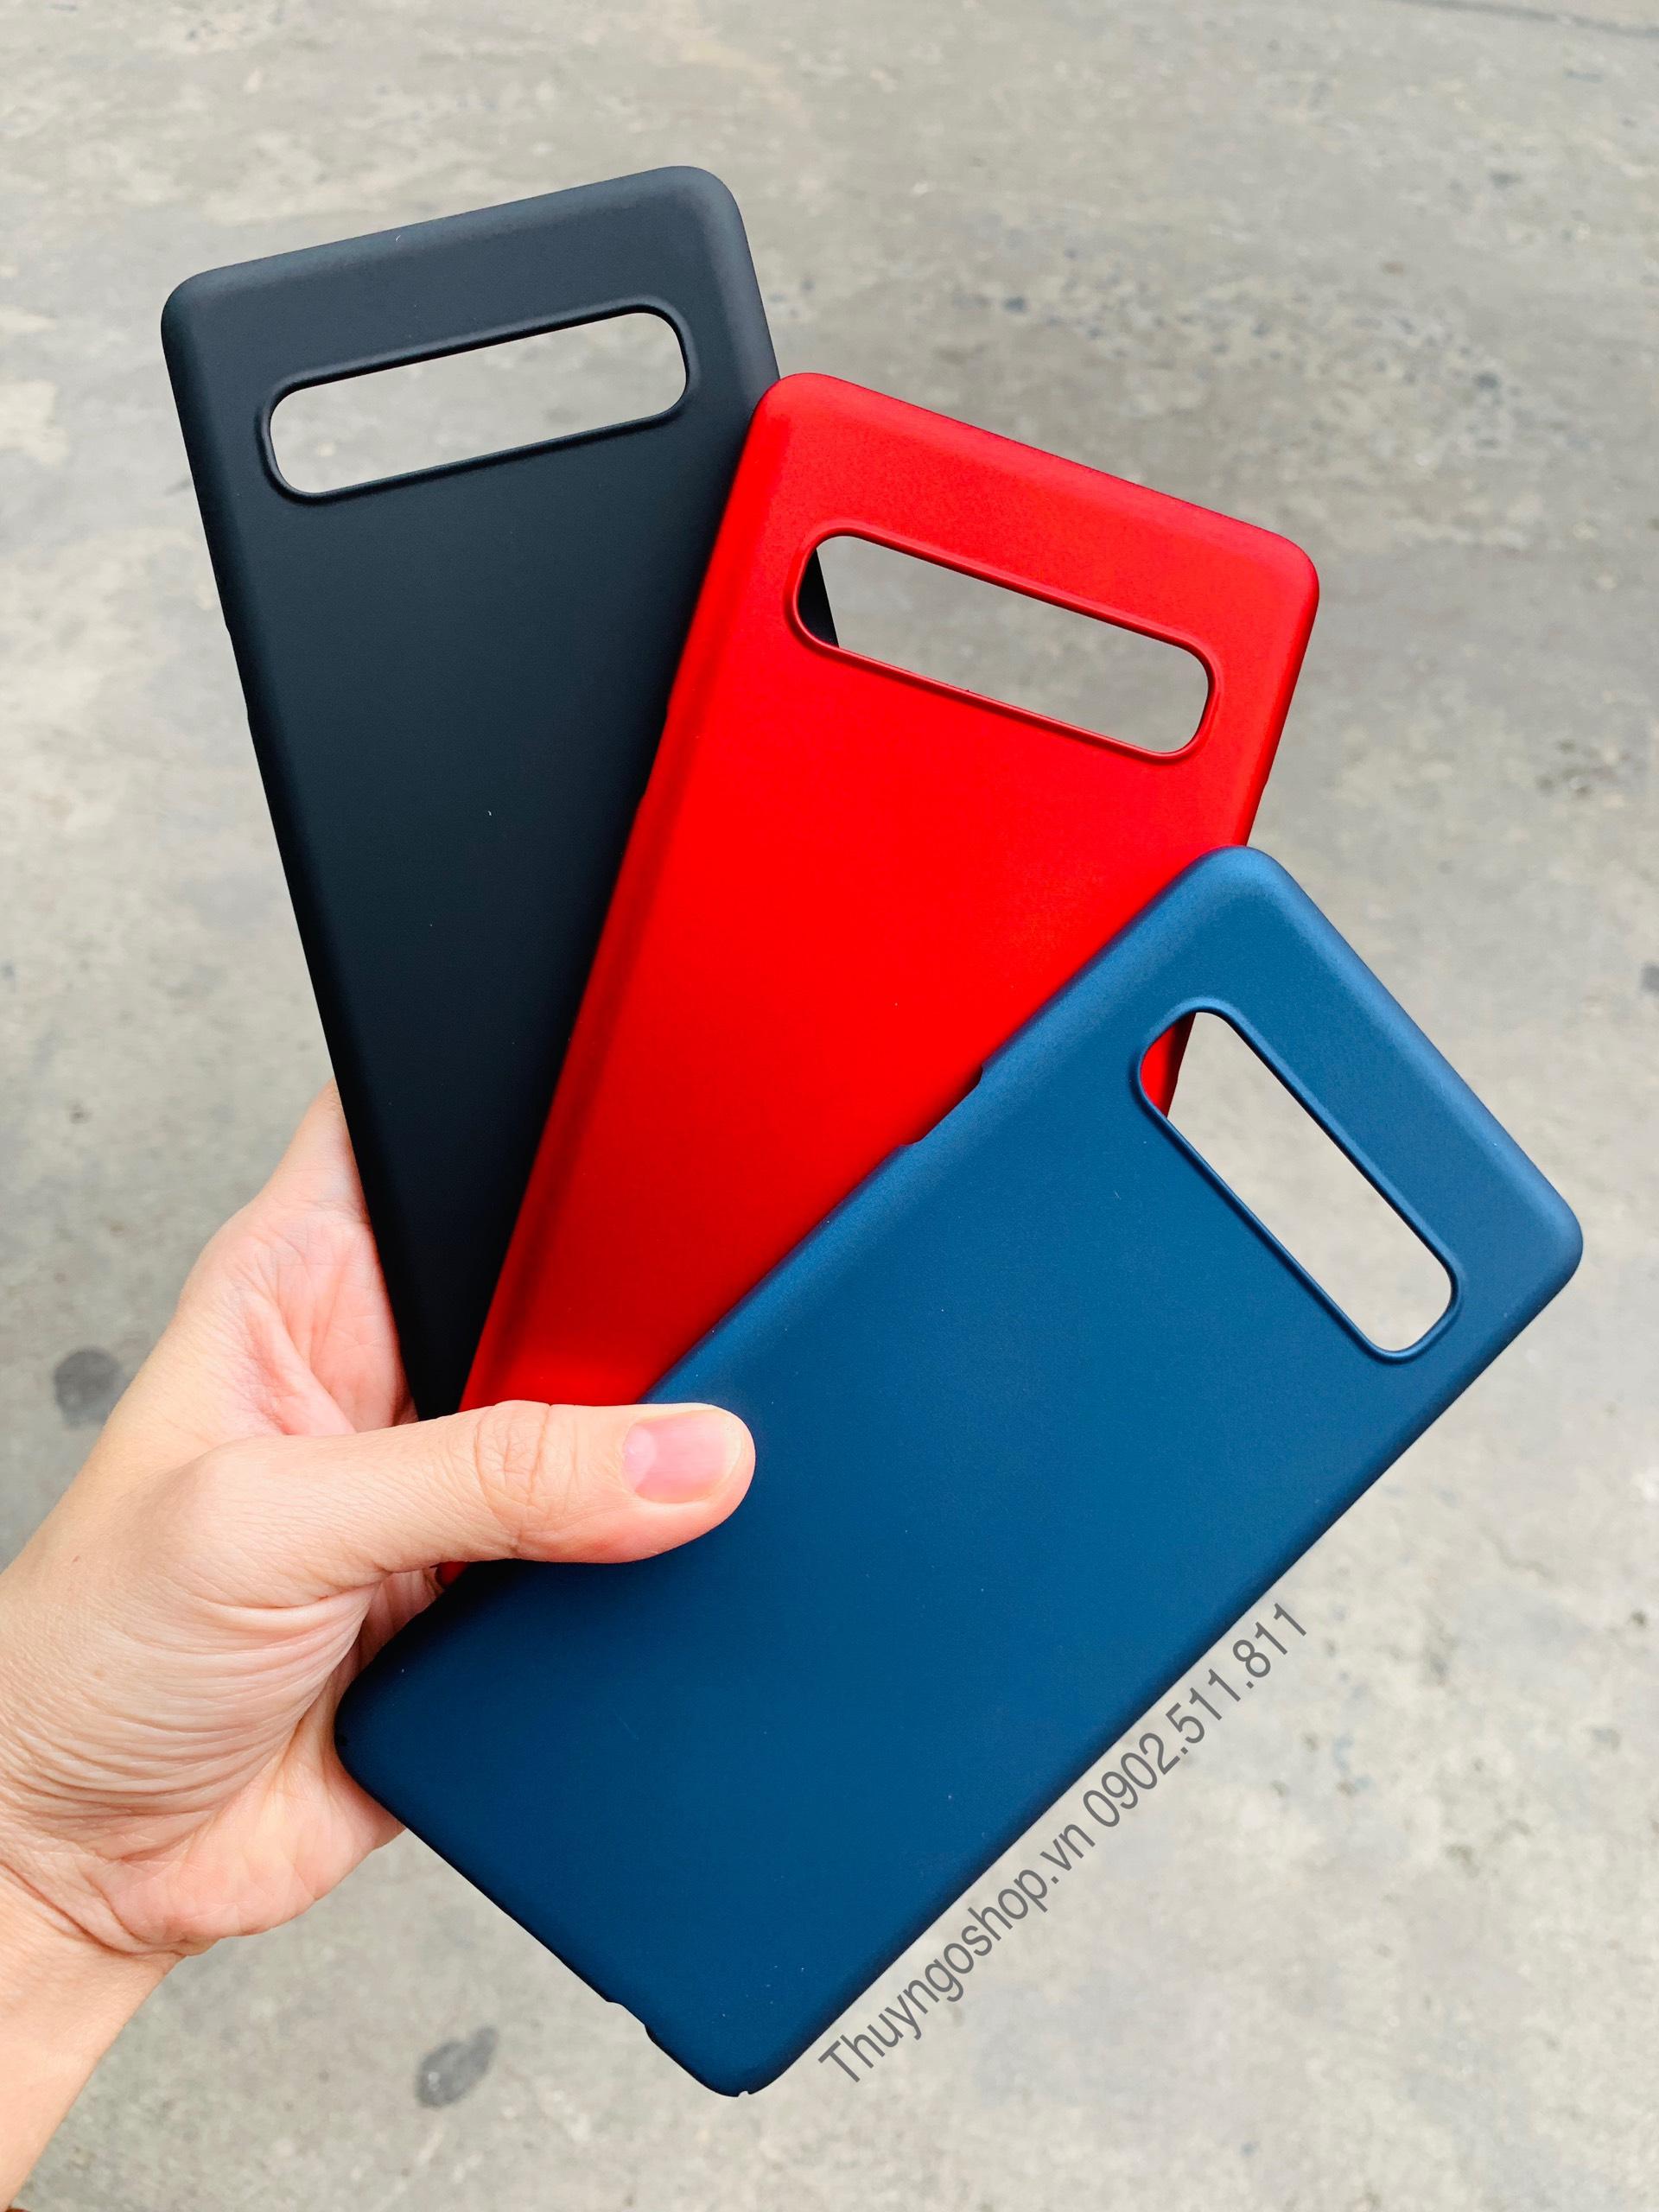 Samsung S10 5G - Ốp lưng nhựa phủ nhung